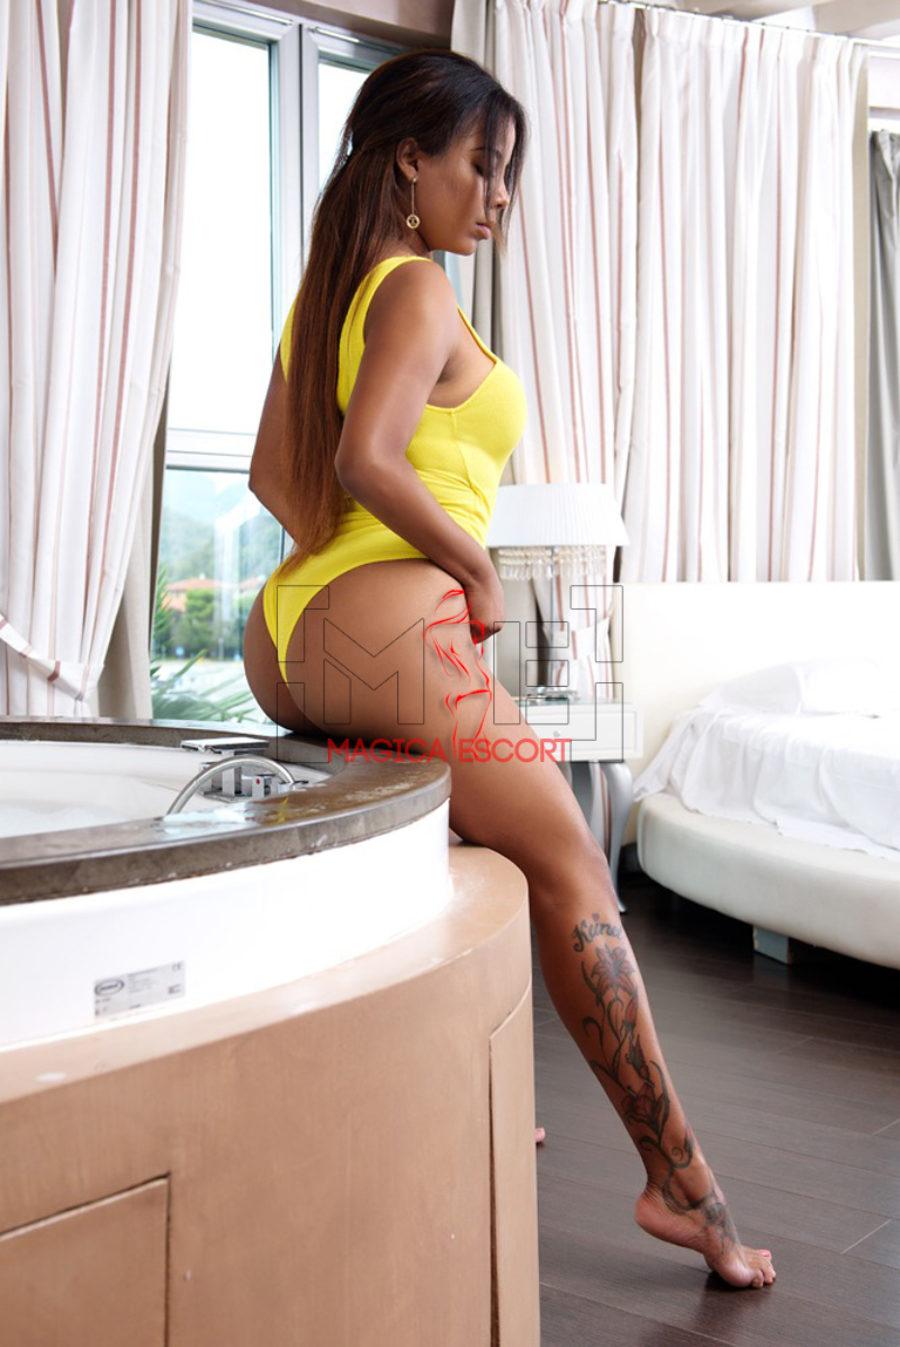 Anais escort venezuelana indossa un costume giallo nella sua camera da letto.